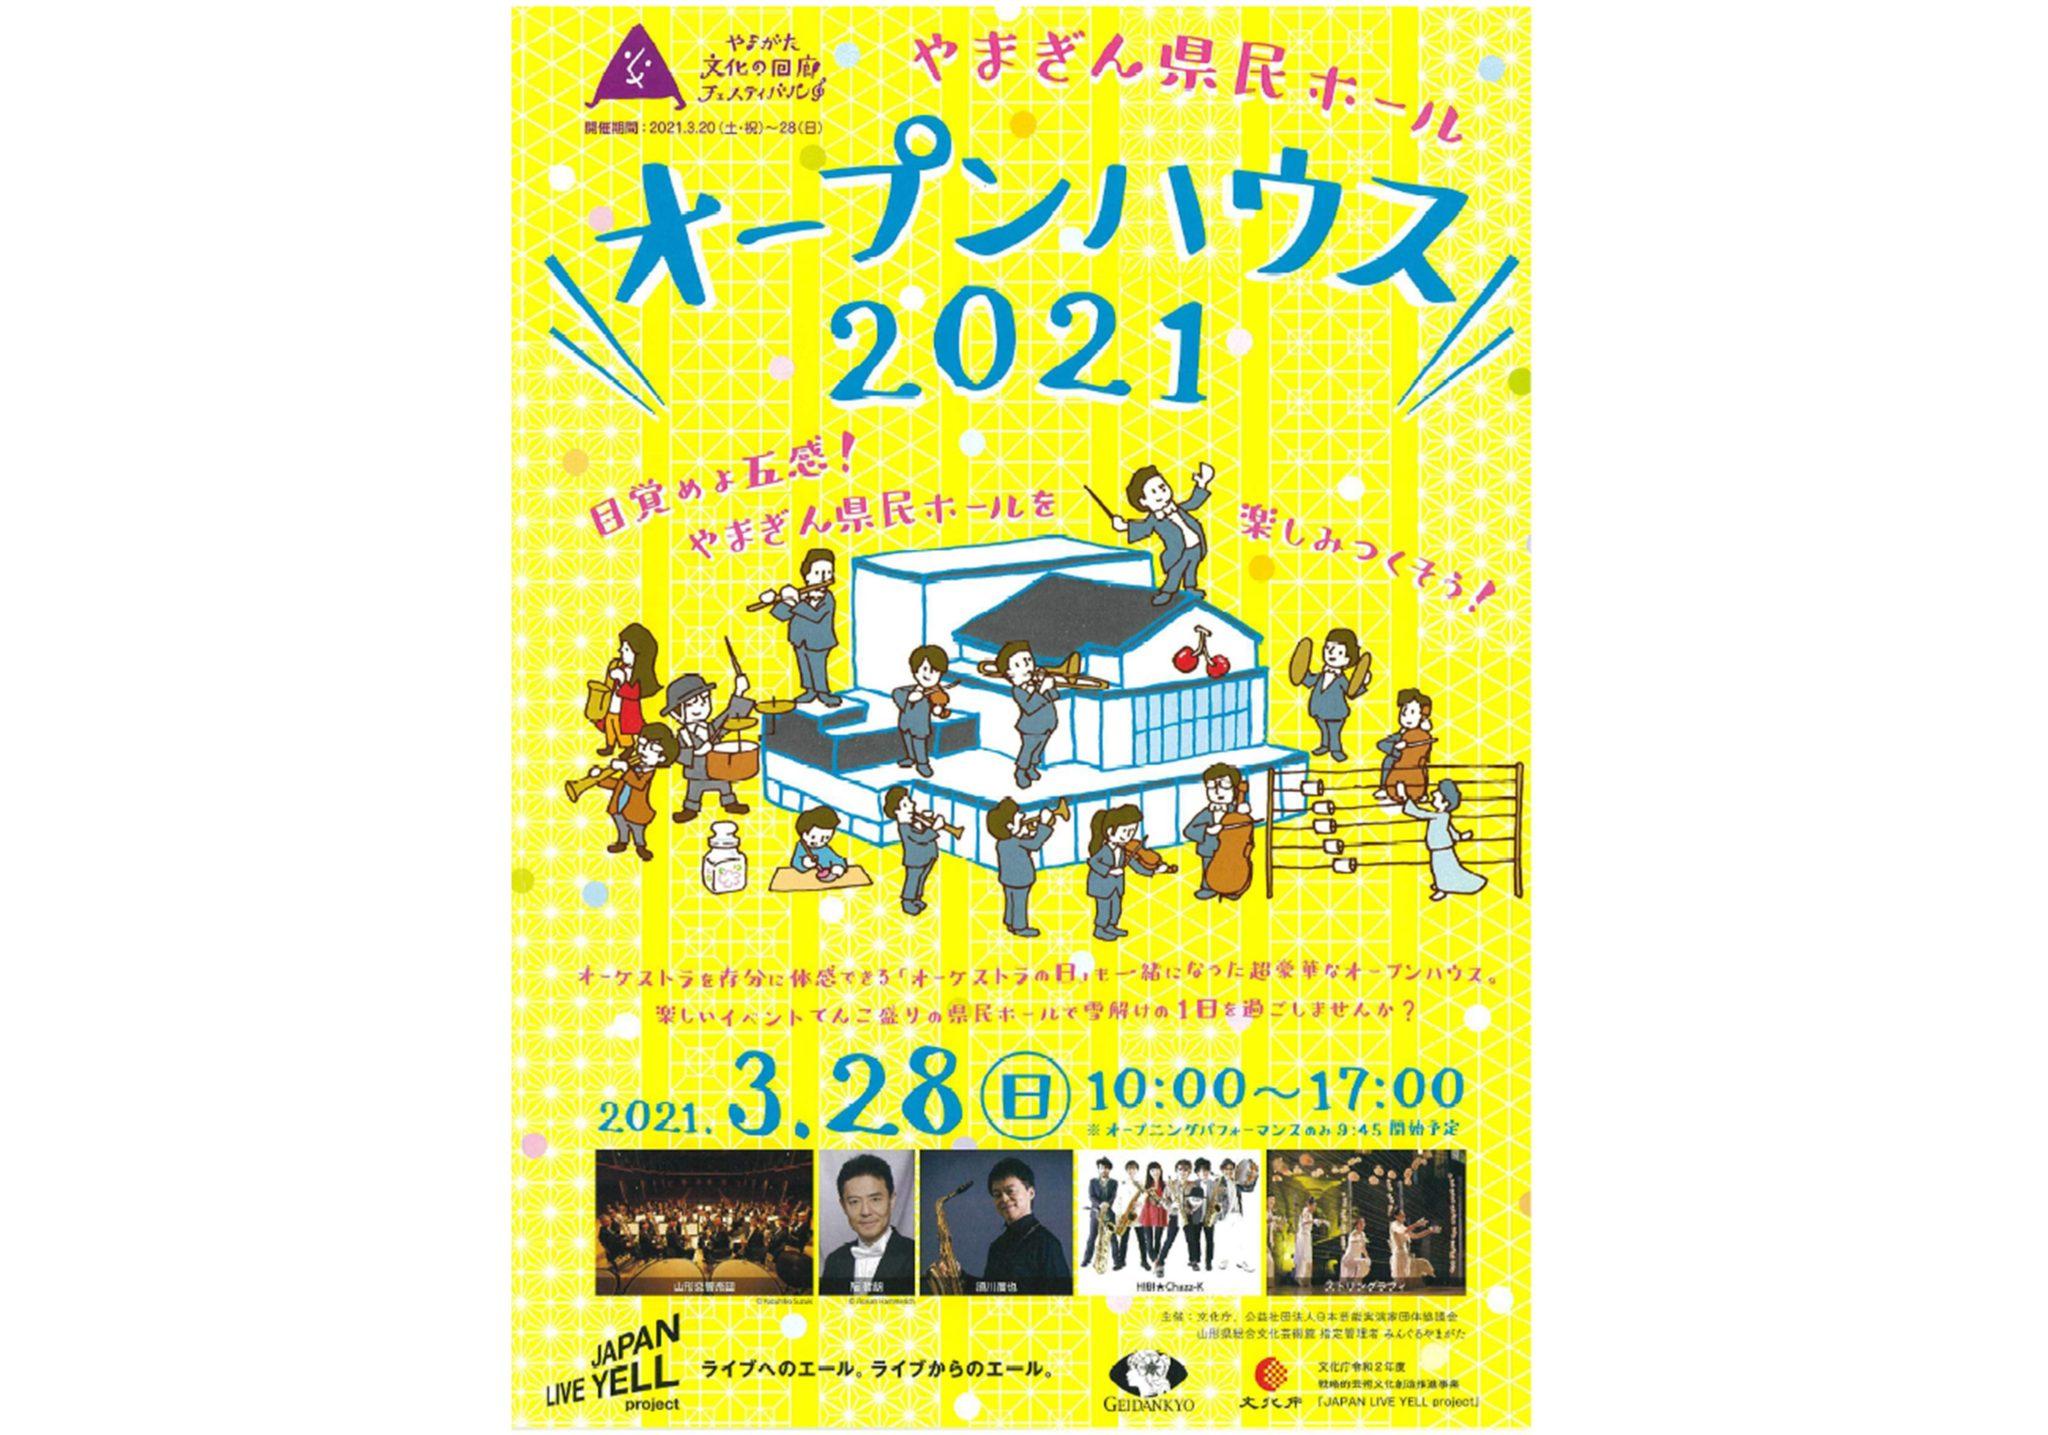 やまぎん県民ホール オープンハウス2021